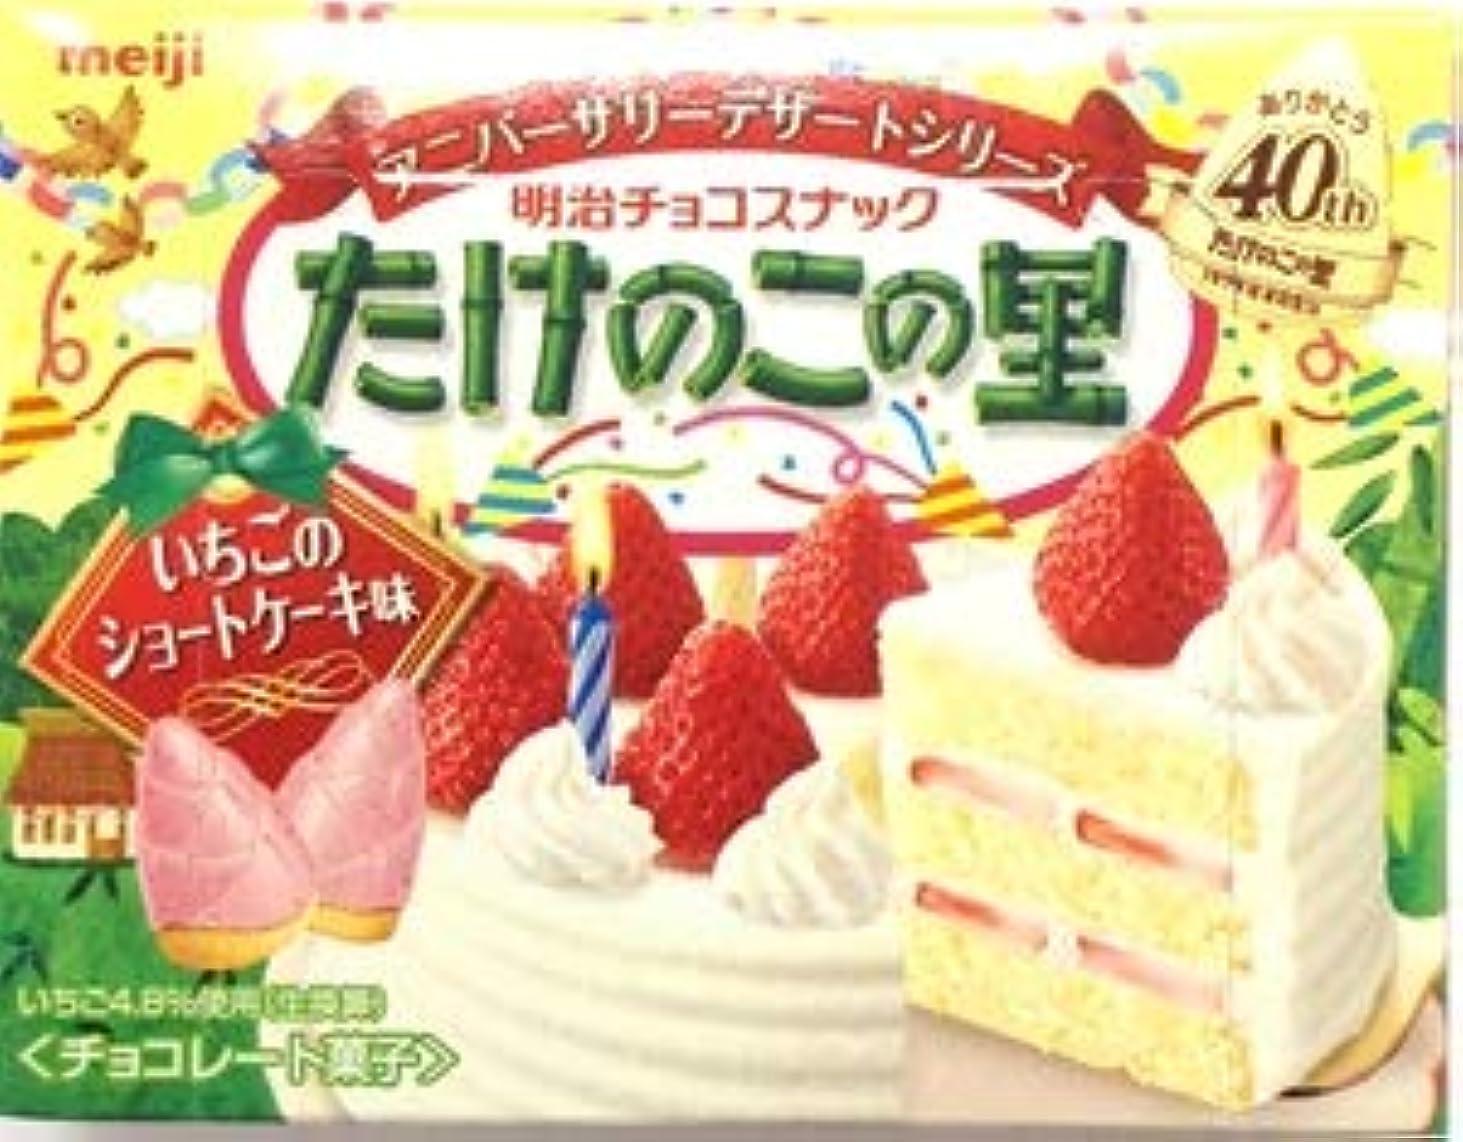 小川無視できる事【冷蔵】明治 たけのこの里 いちごのショートケーキ 1箱(10入)